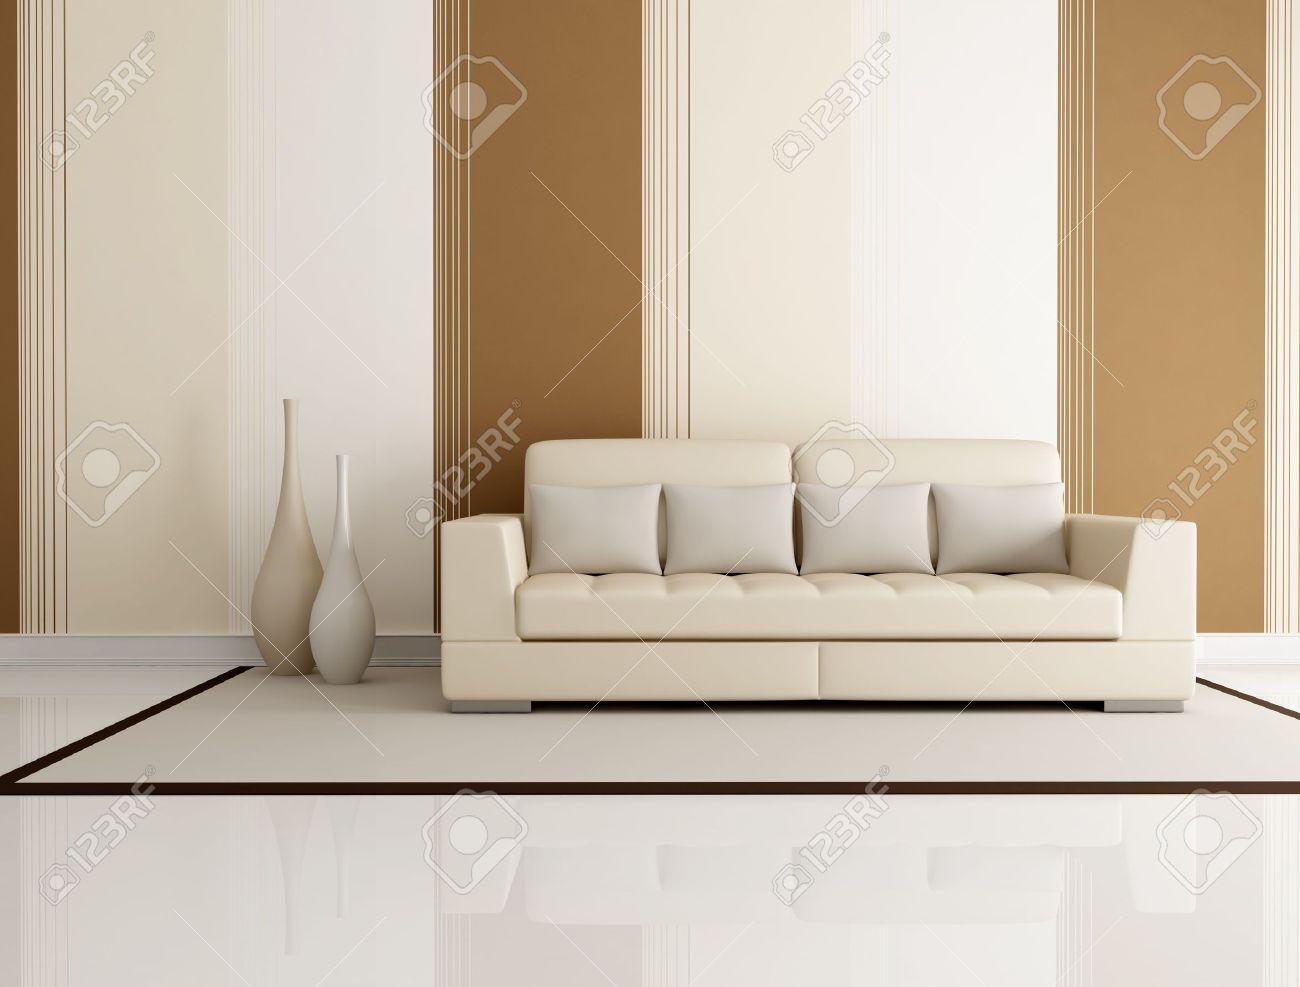 beige und braun wohnzimmer mit beige couch und tapeten - rendern ... - Wohnzimmer Beige Sofa